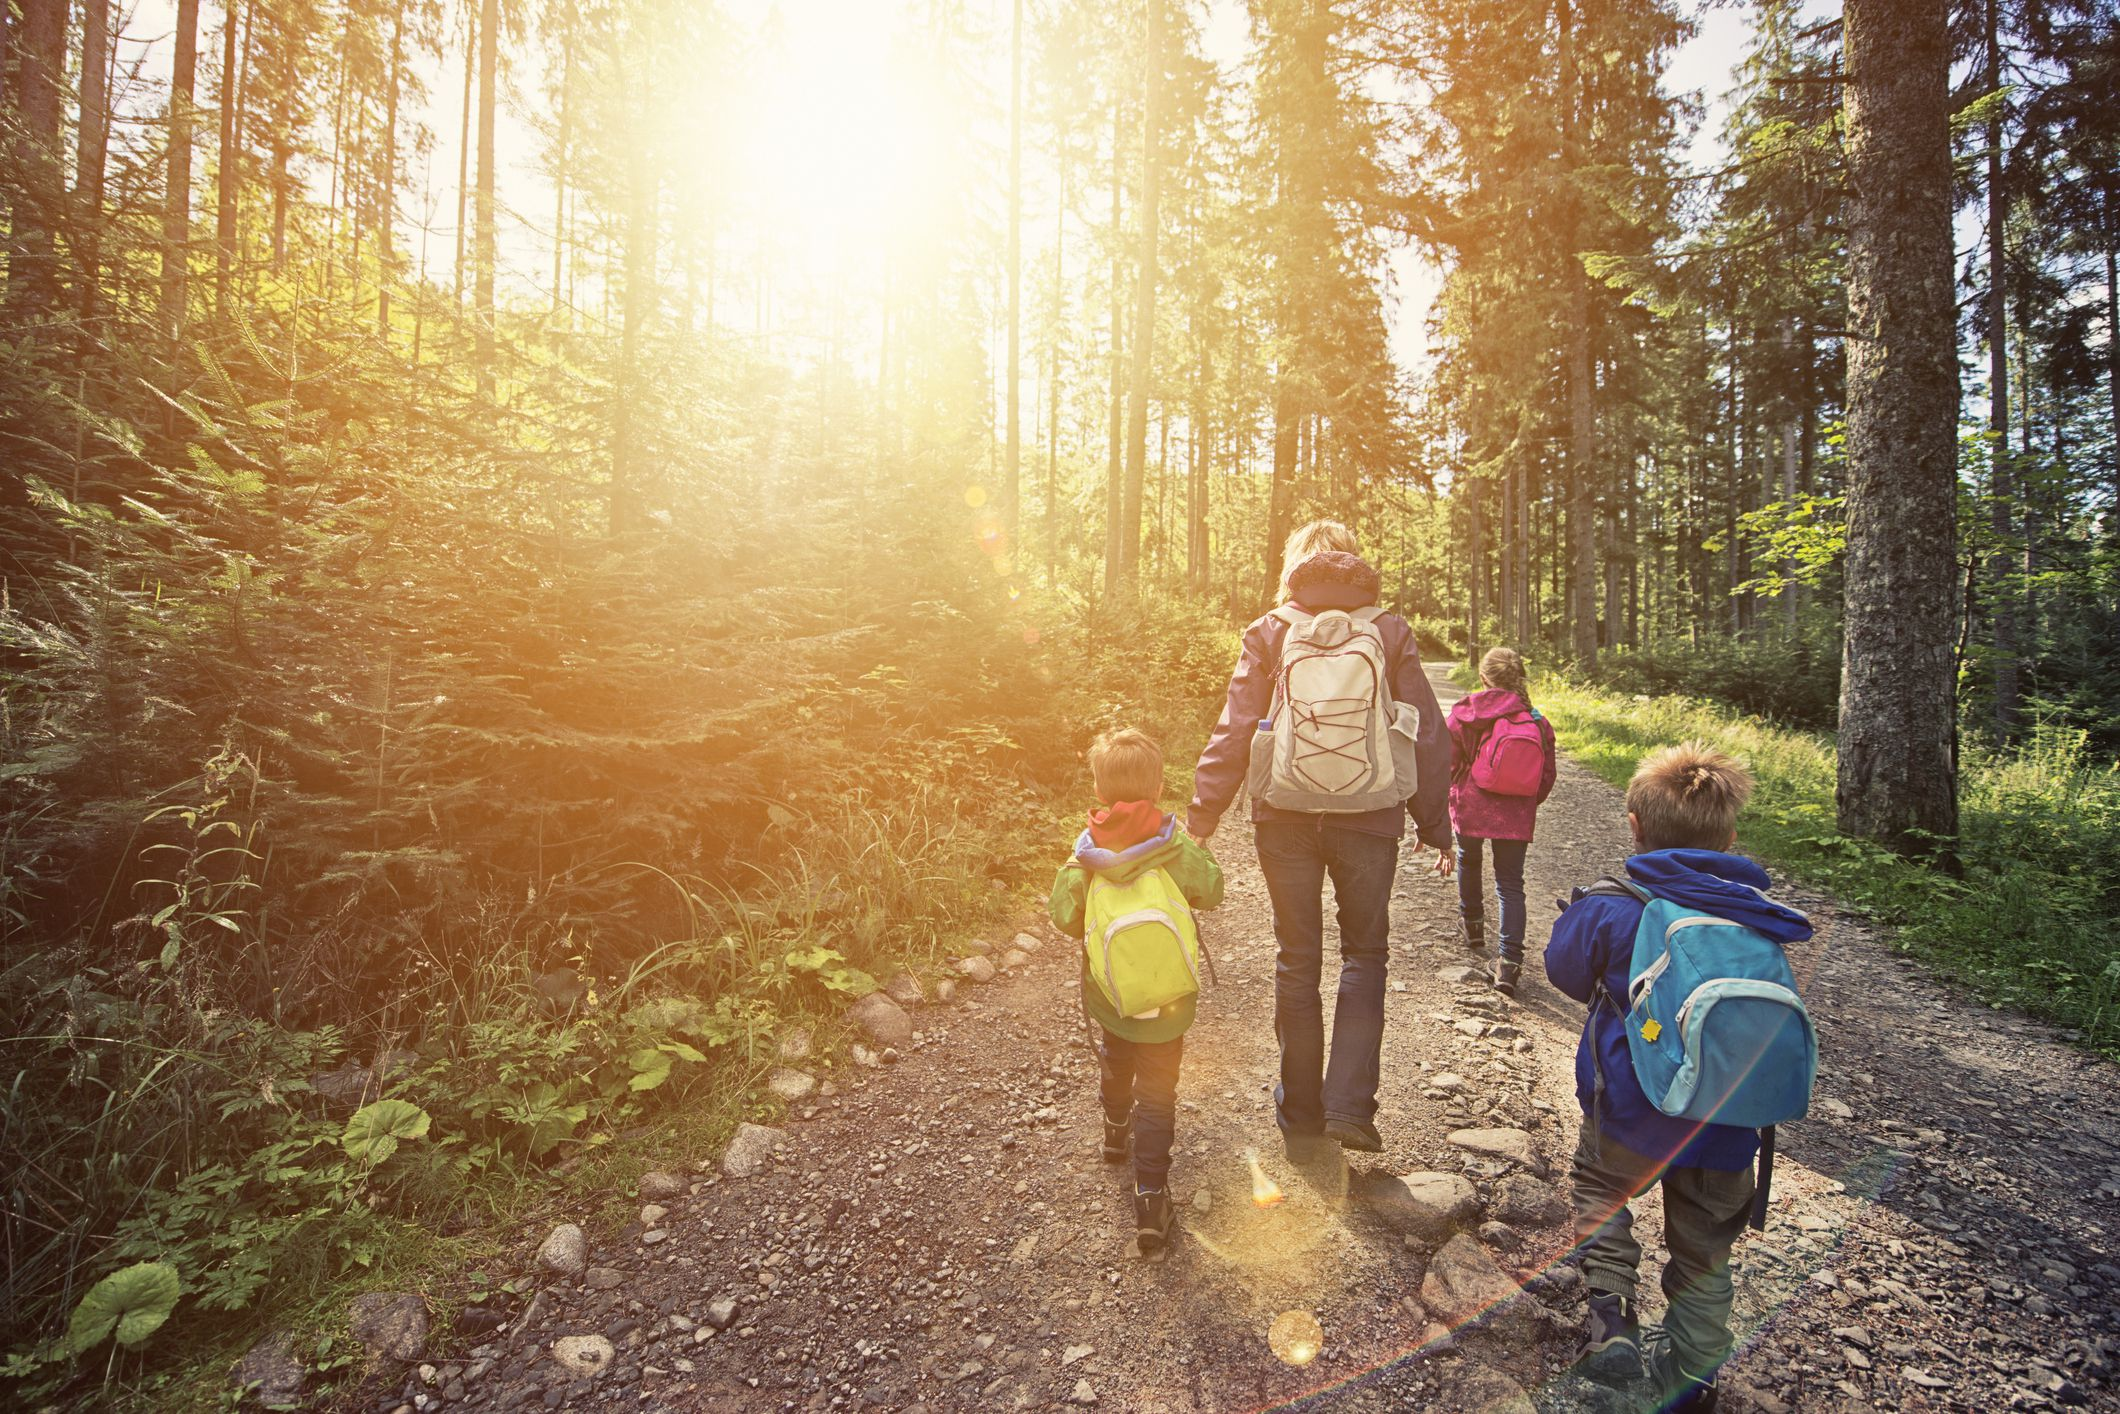 Madre e hijos caminando en bosque soleado